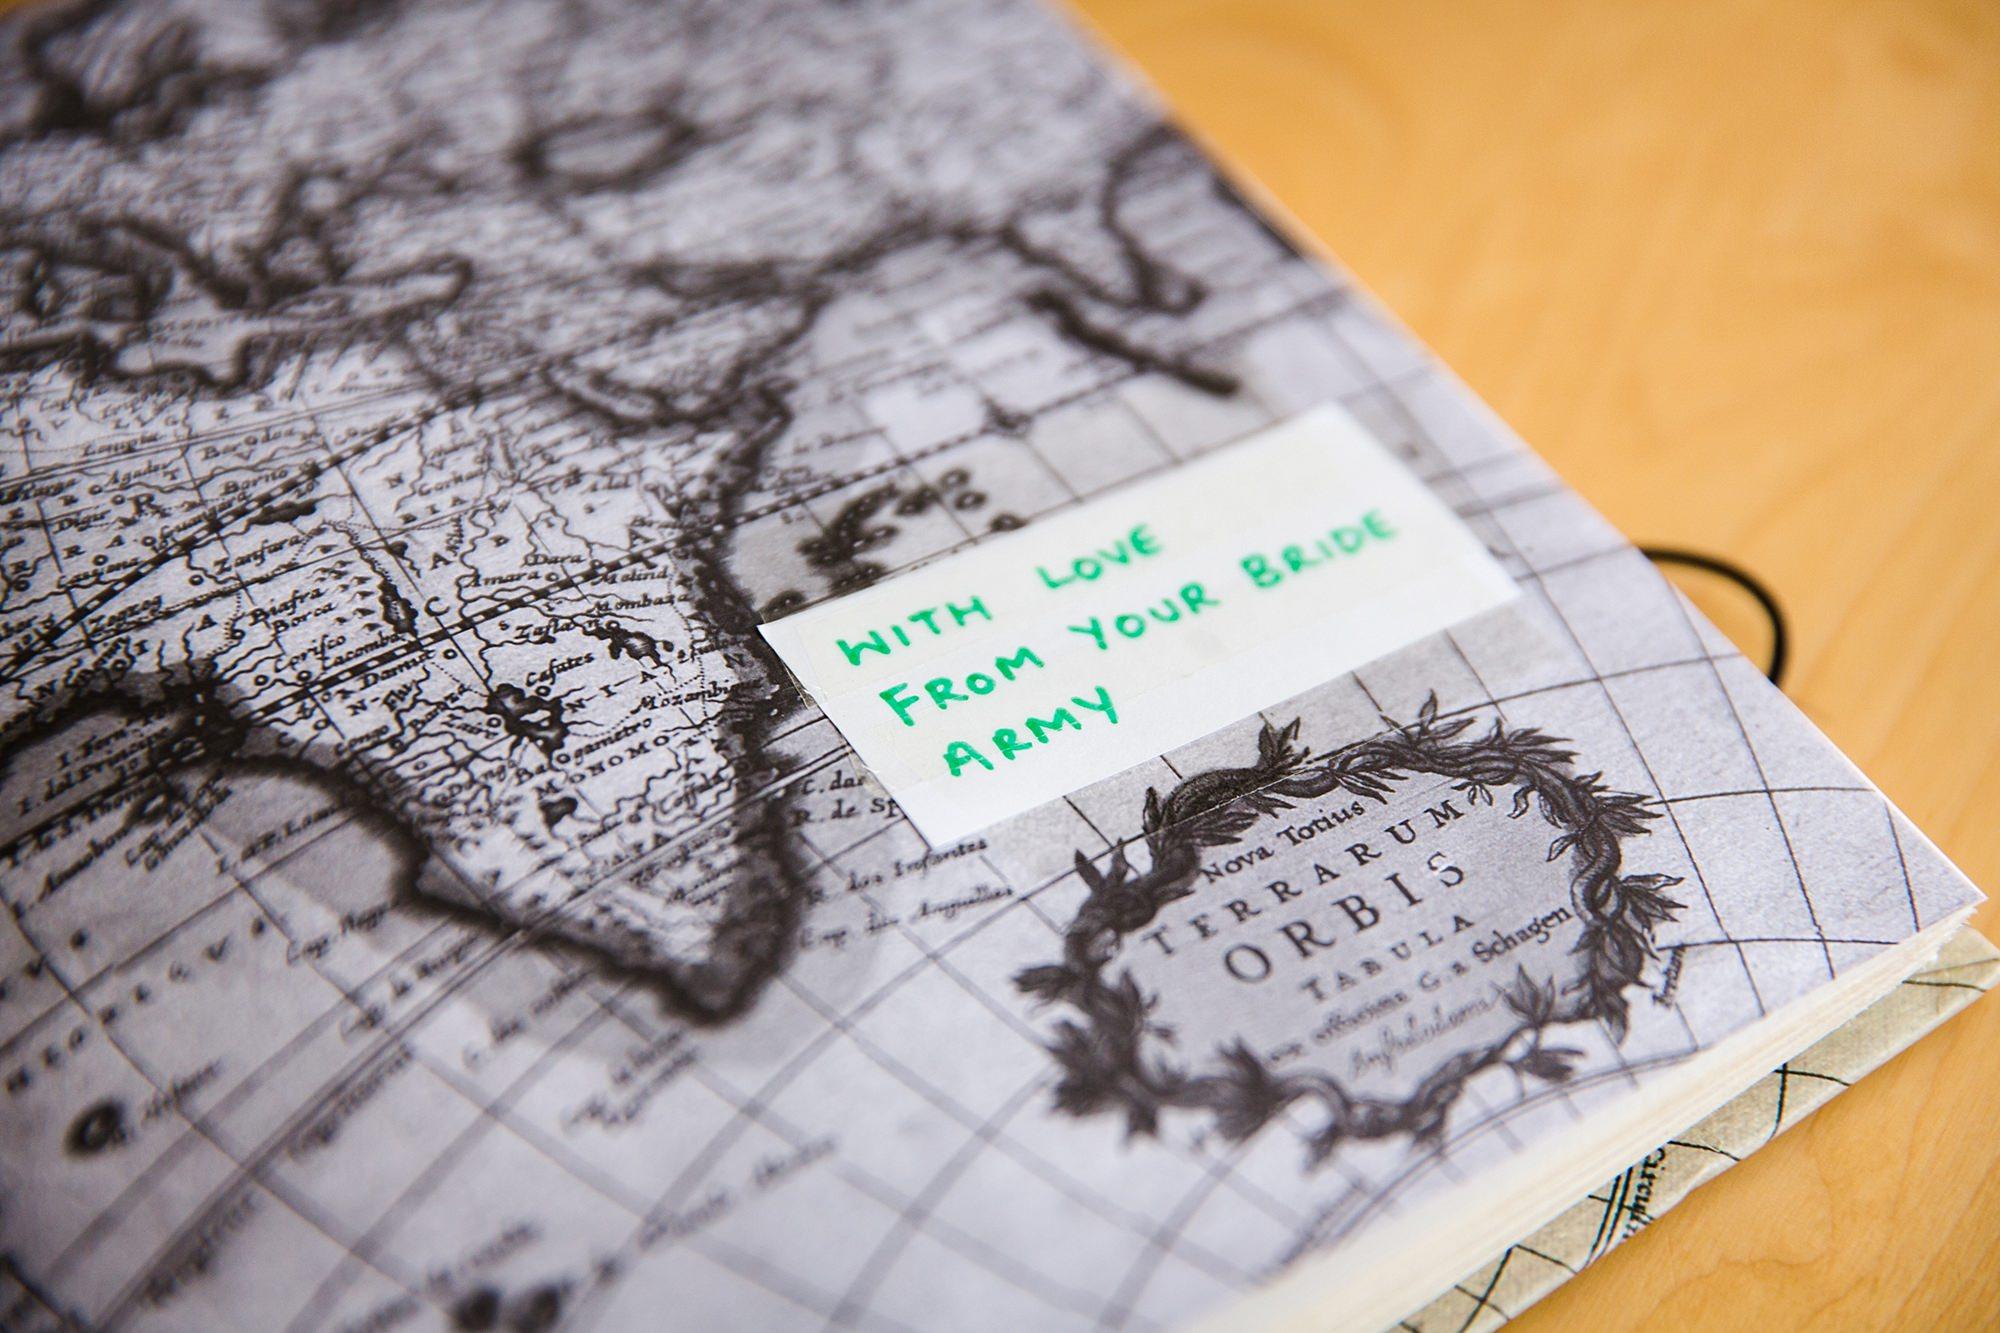 Fun London Wedding bridesmaids book gift to bride